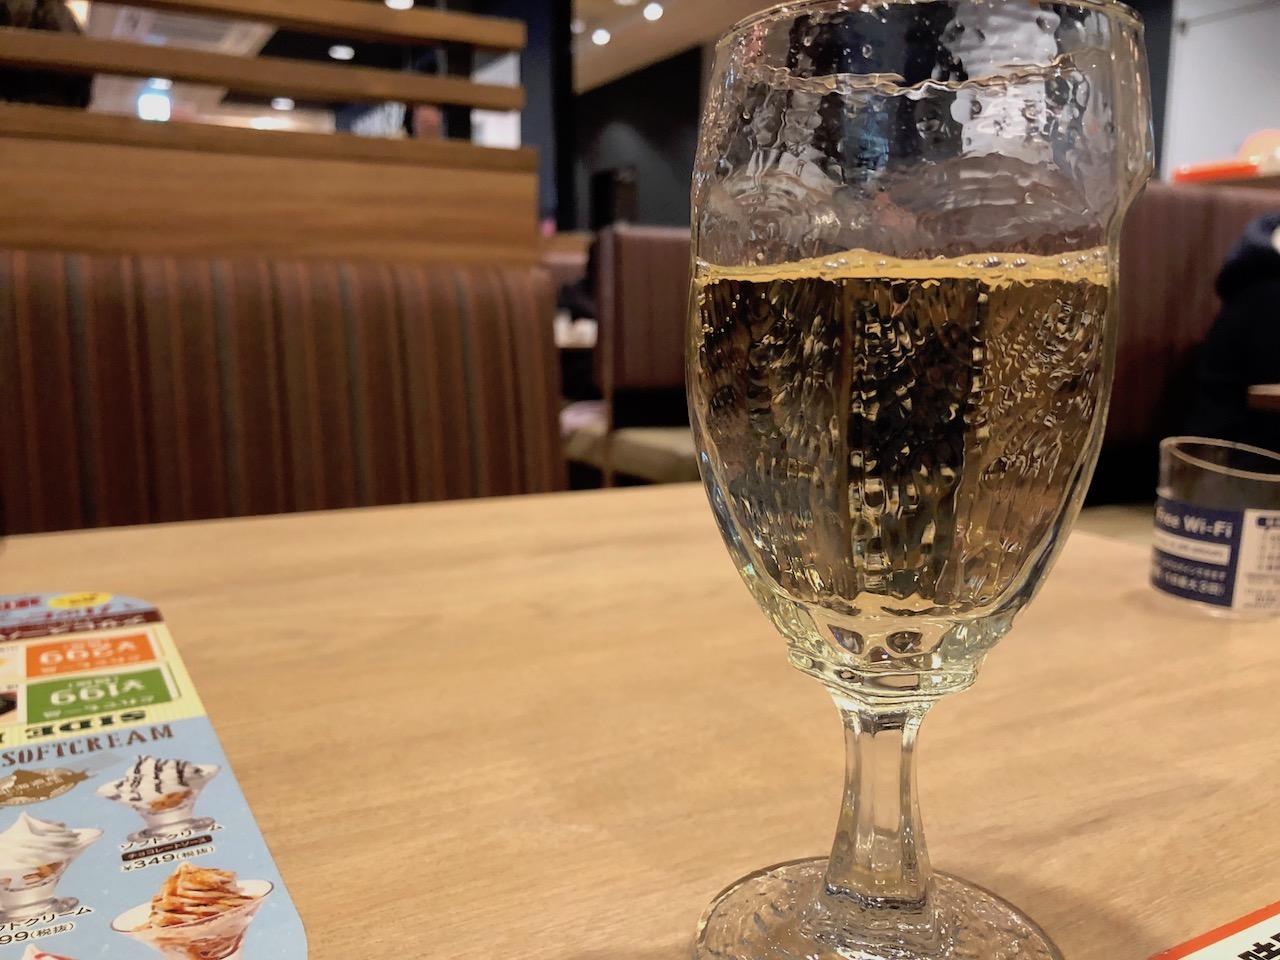 困った時の激安ランチ!ガストの日替わりランチは499円ですよ!グラスワイン99円もお忘れなく!